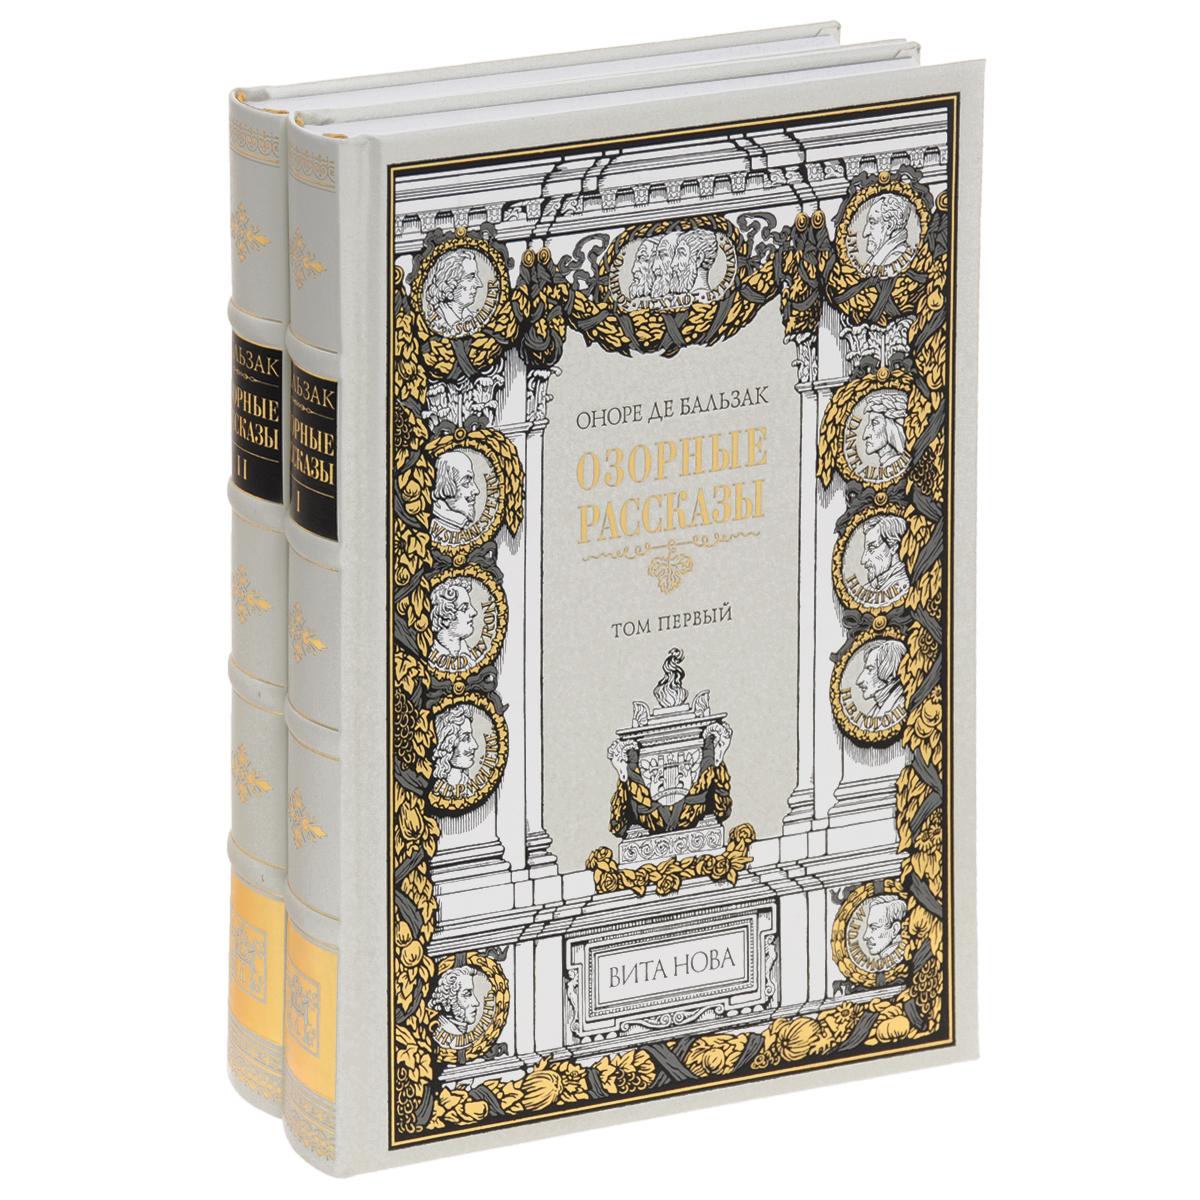 Оноре де Бальзак Озорные рассказы. В 2 томах (подарочный комплект) натан рыбак ошибка онорэ де бальзака